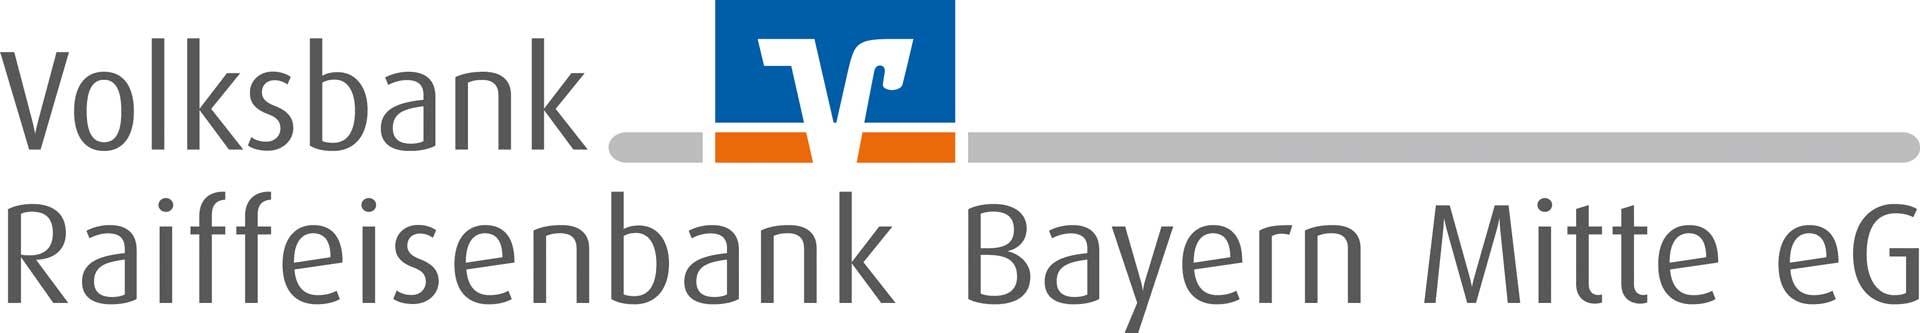 https://www.vr-bayernmitte.de/startseite.html